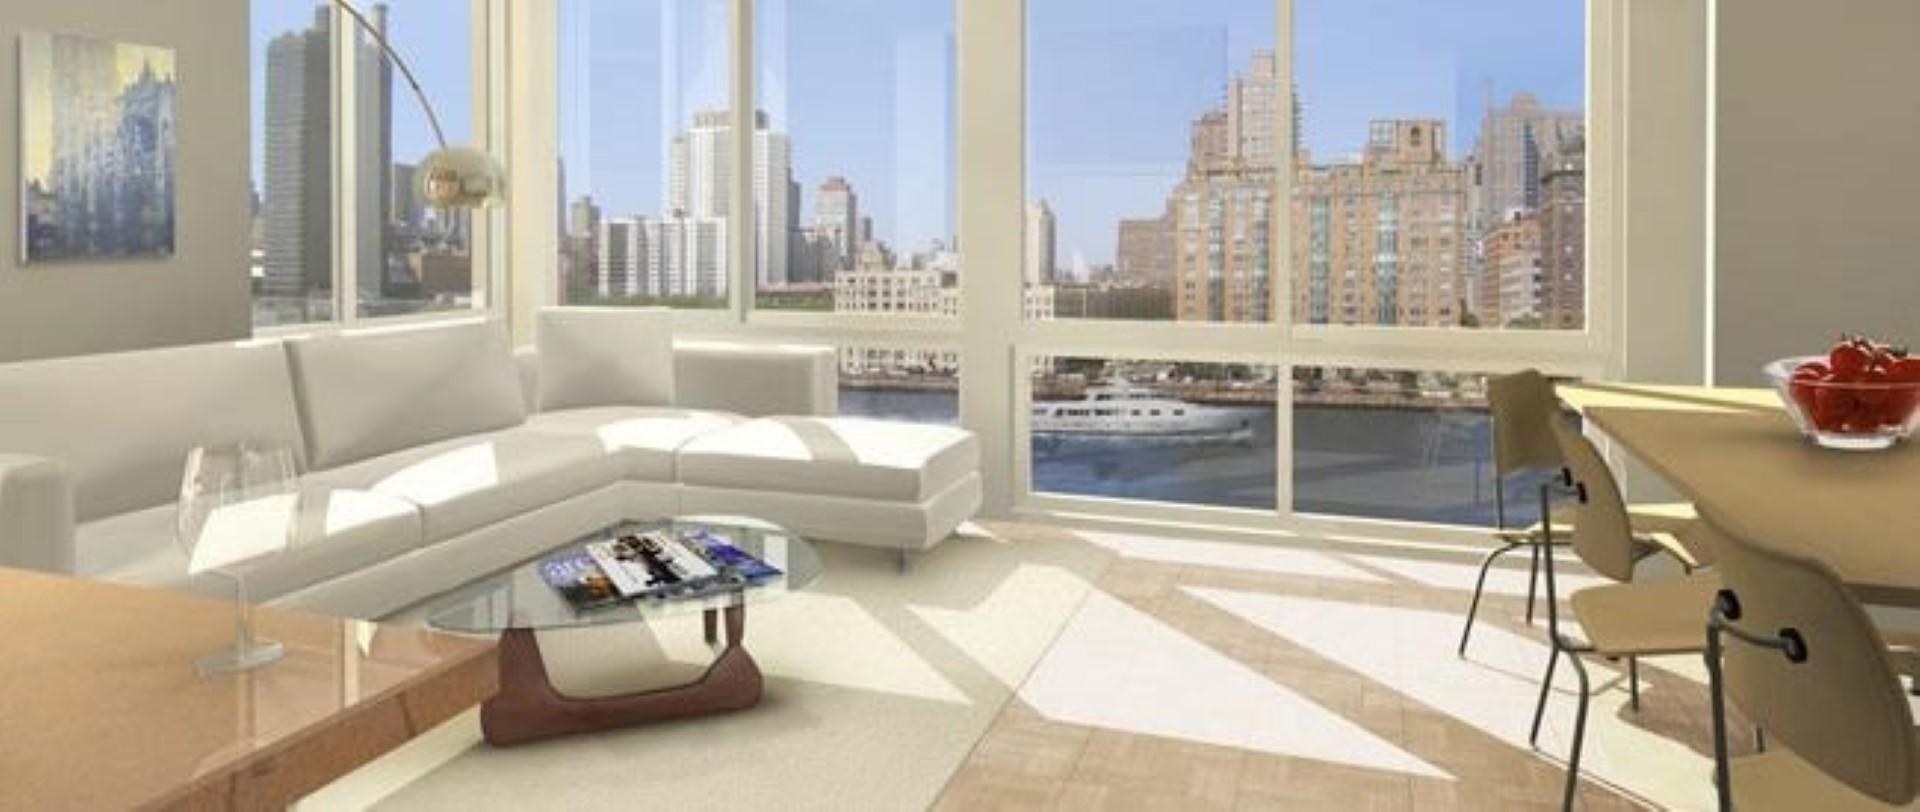 Можно ли подарить квартиру в ипотеке дочери или можно ли оформить дарственную на ипотечную квартиру • Твоя Семья